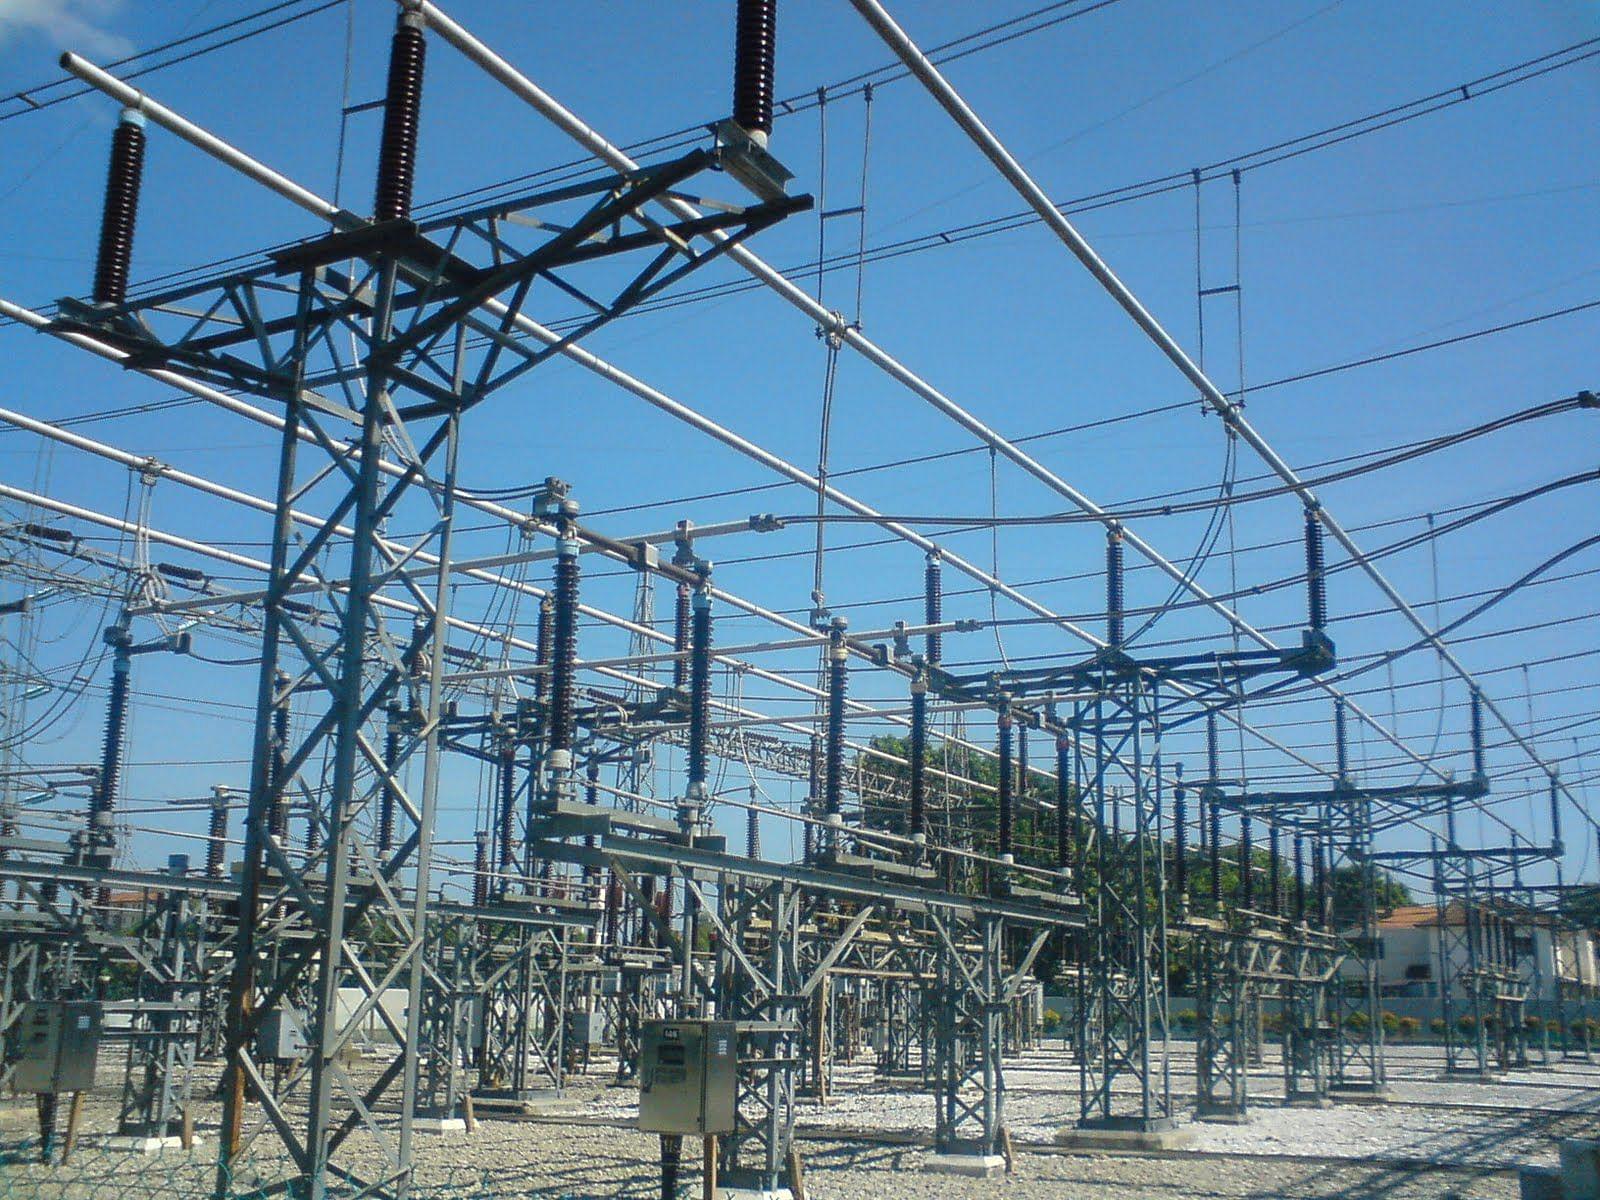 Electricity Cut In Chandigarh And Mohali - चंडीगढ़ के 14 सेक्टरों और मोहाली  में आज बिजली कट - Amar Ujala Hindi News Live